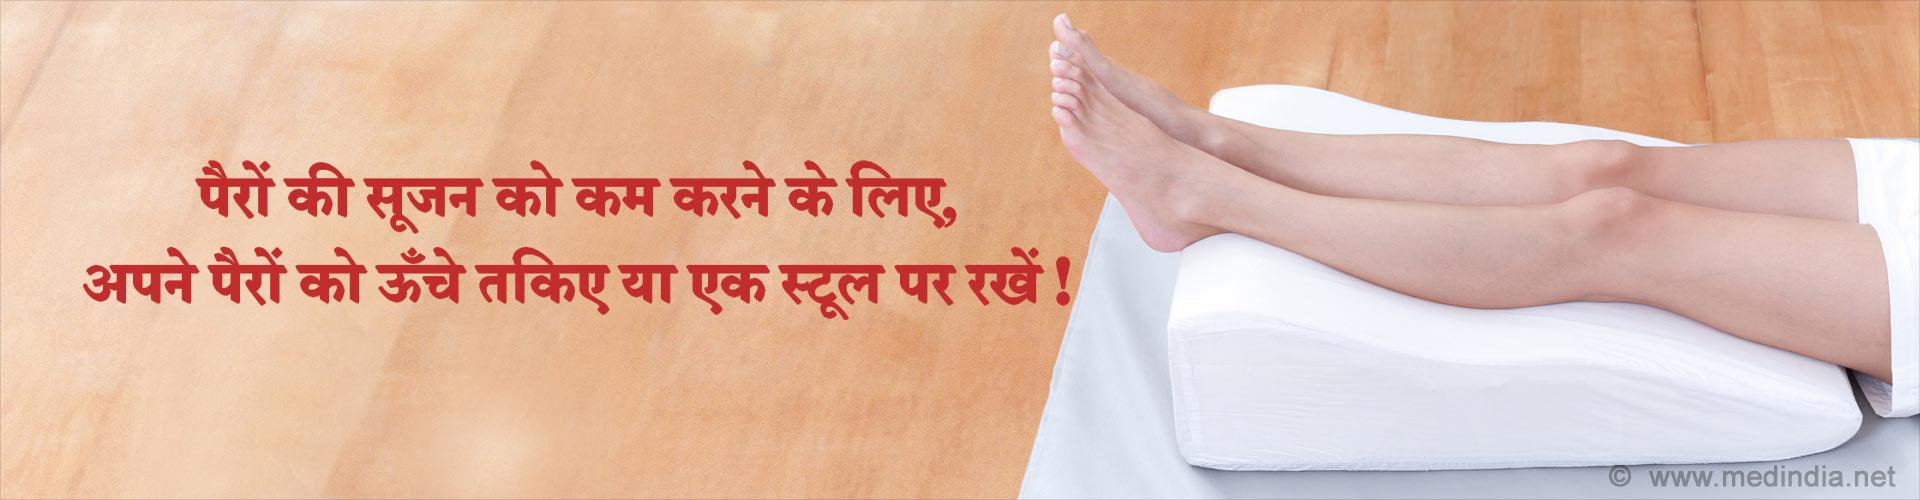 पैरों की सूजन को कम करने के लिए, अपने पैरों को ऊँचे तकिए या एक स्टूल पर रखें।